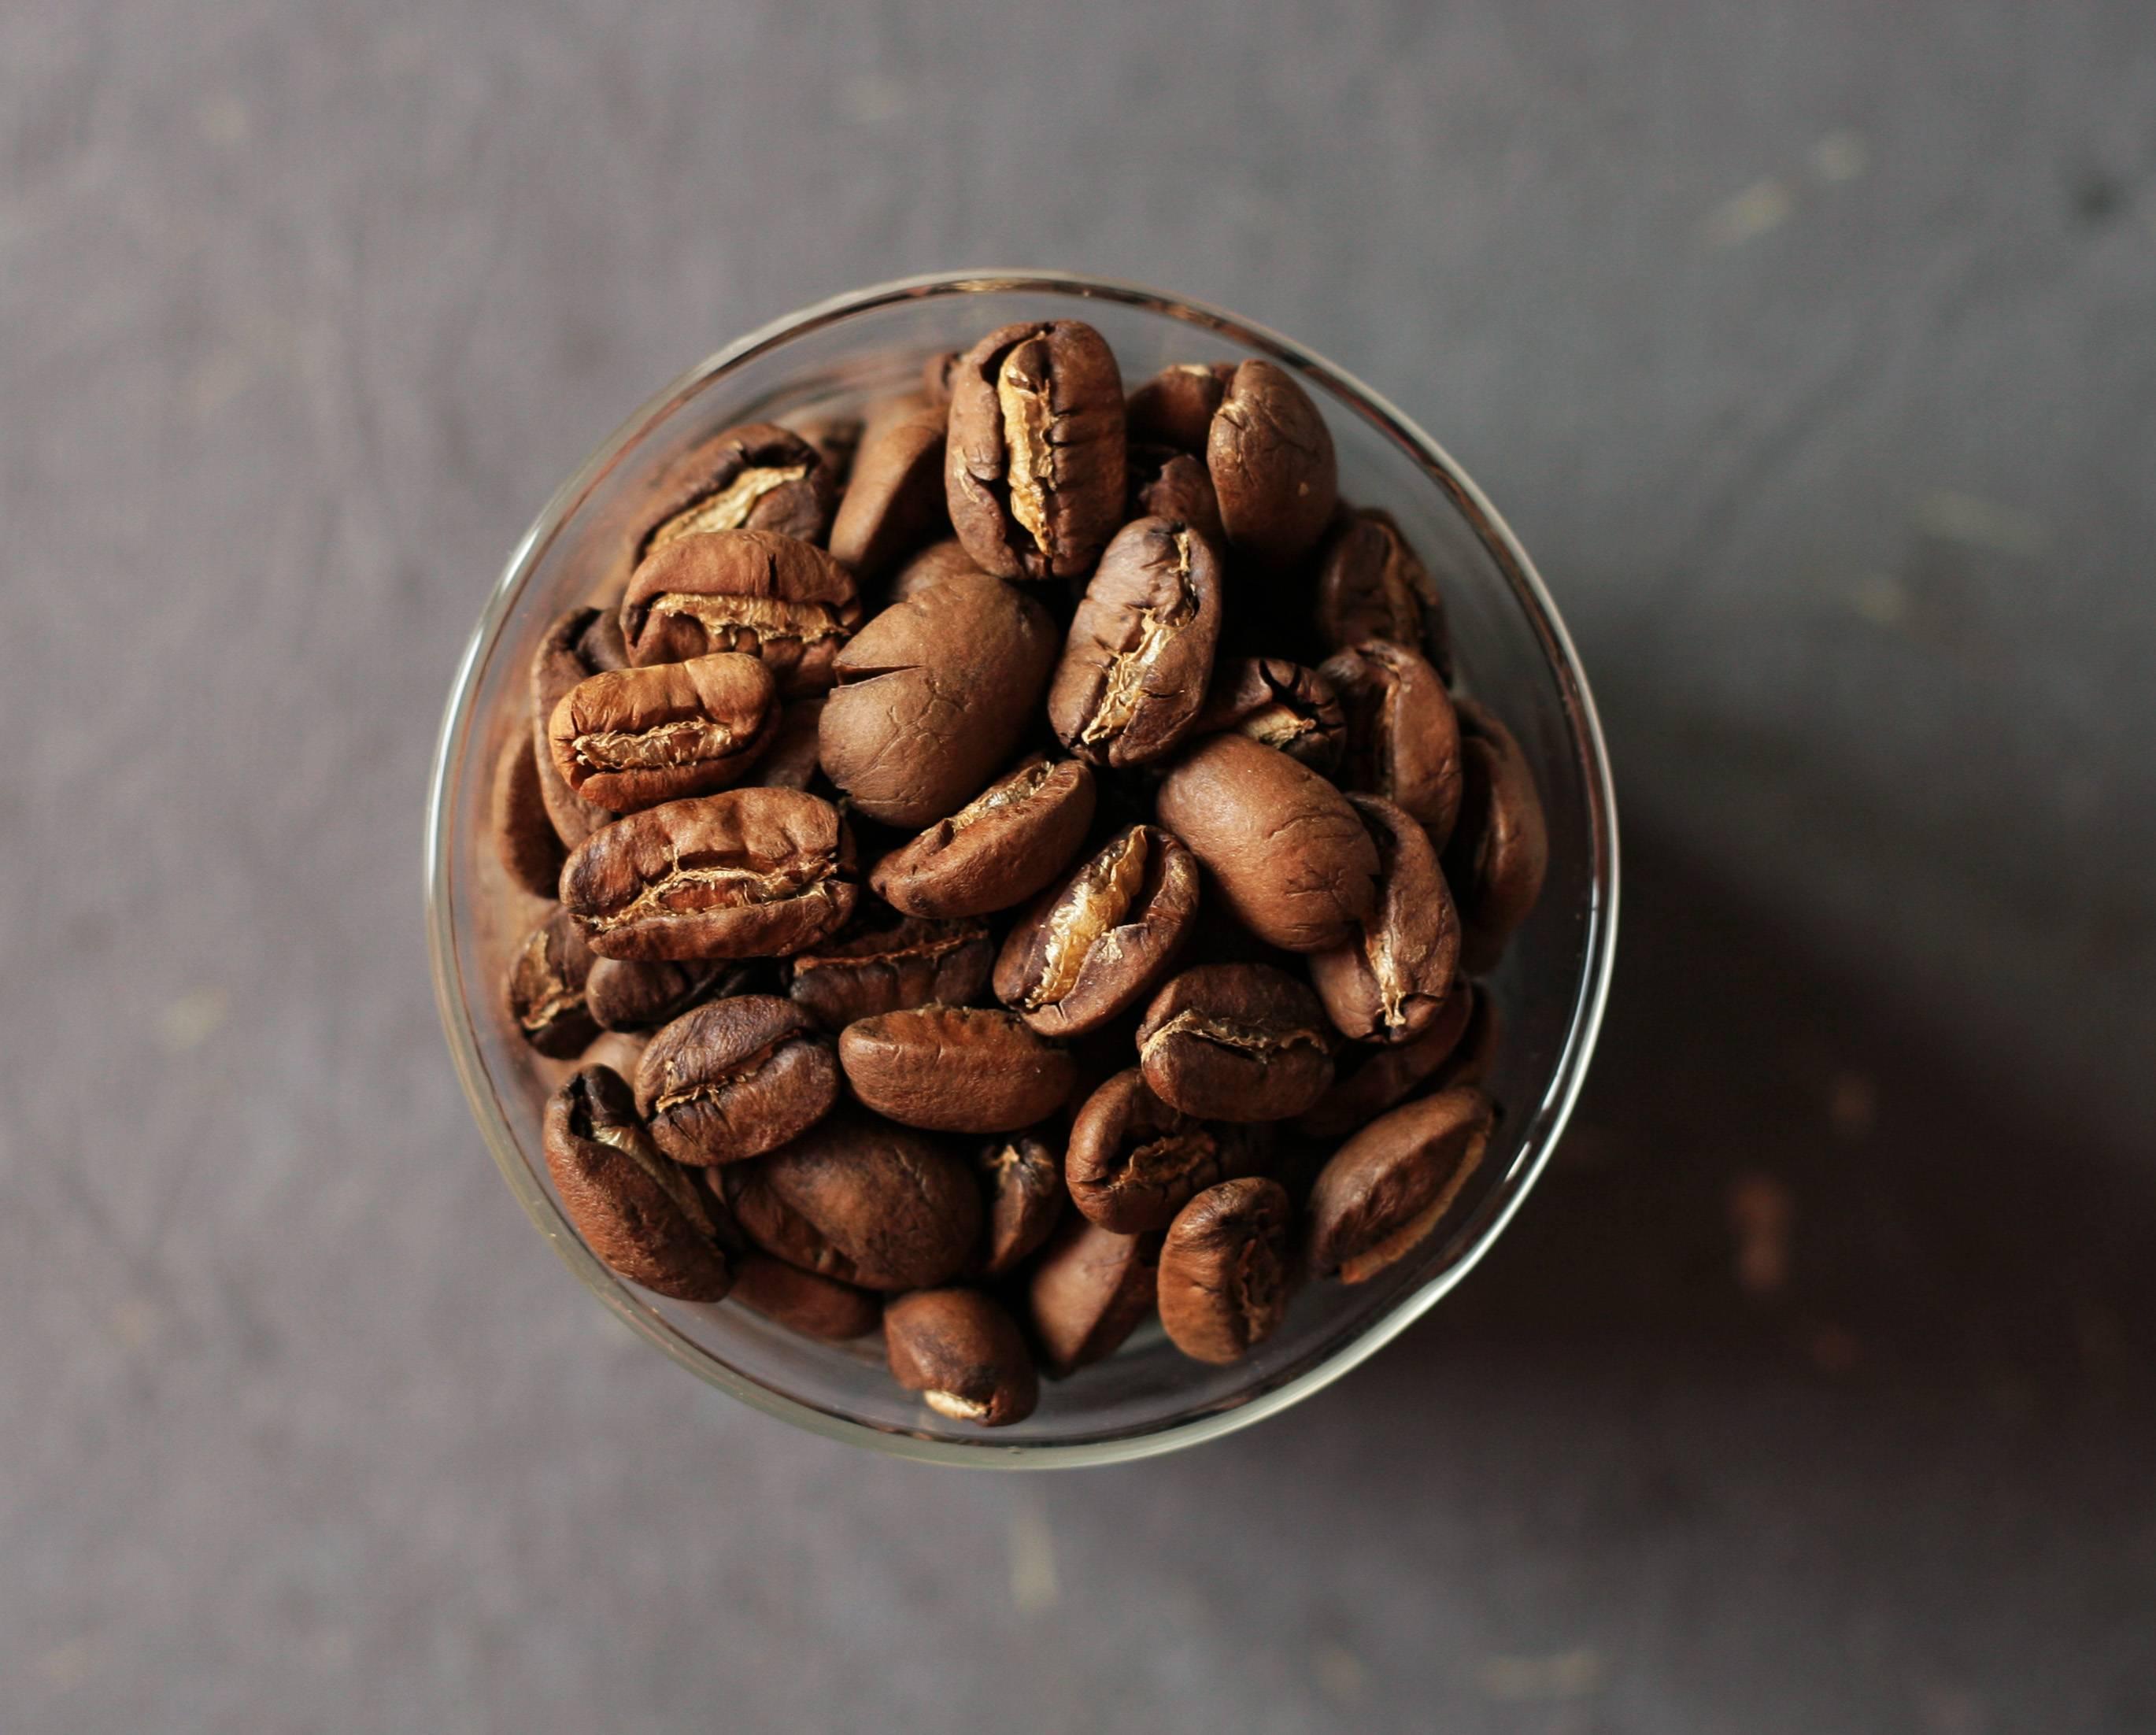 Кофе марагоджип никарагуа - напиток, который удивит вас